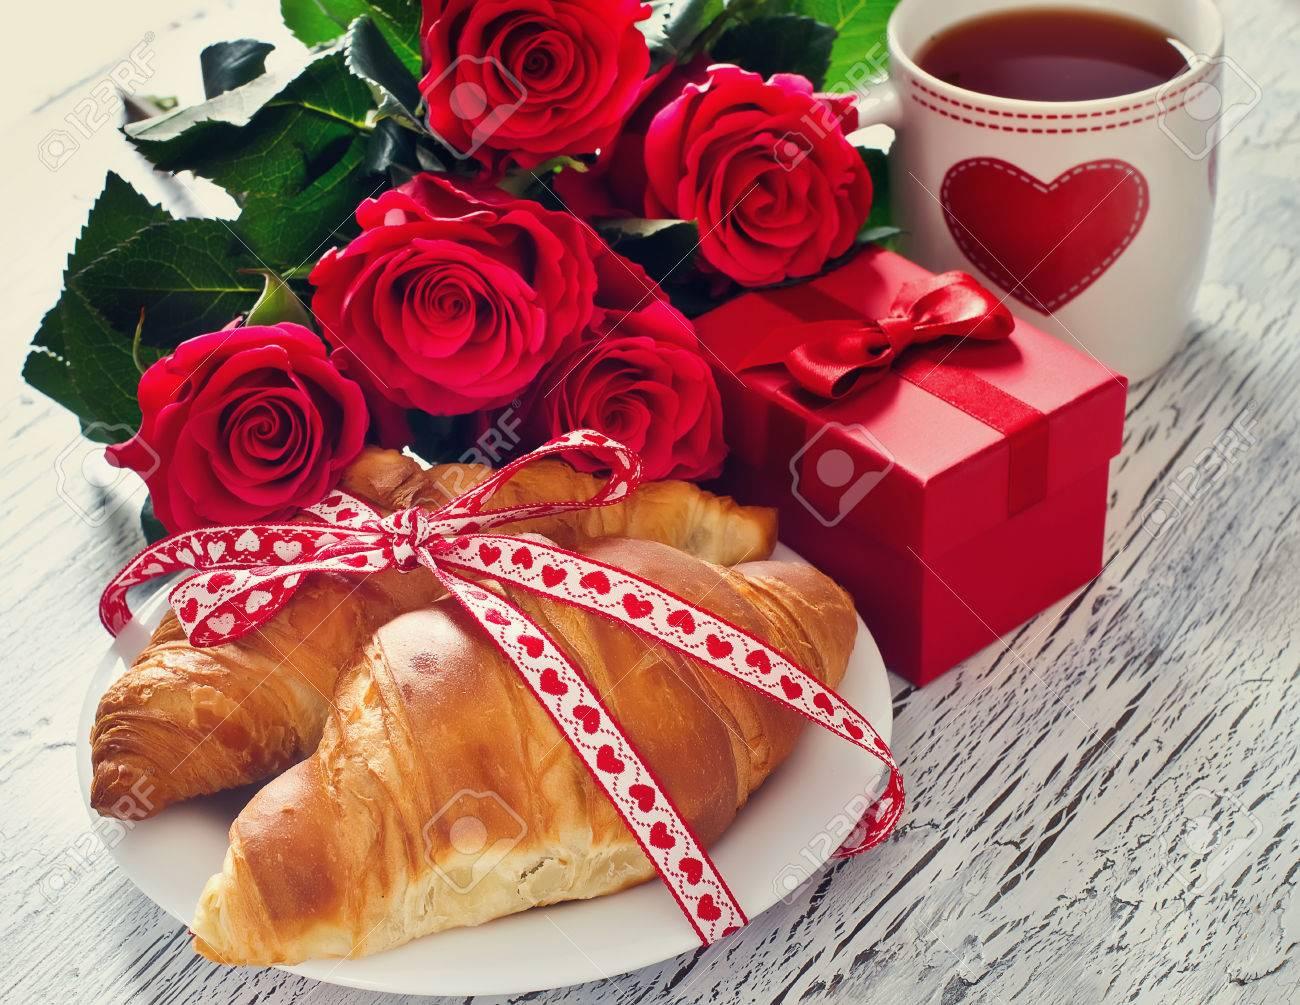 Desayuno romántico con té en tazas, cruasanes, caja de regalo y rosa Foto de archivo - 52523337